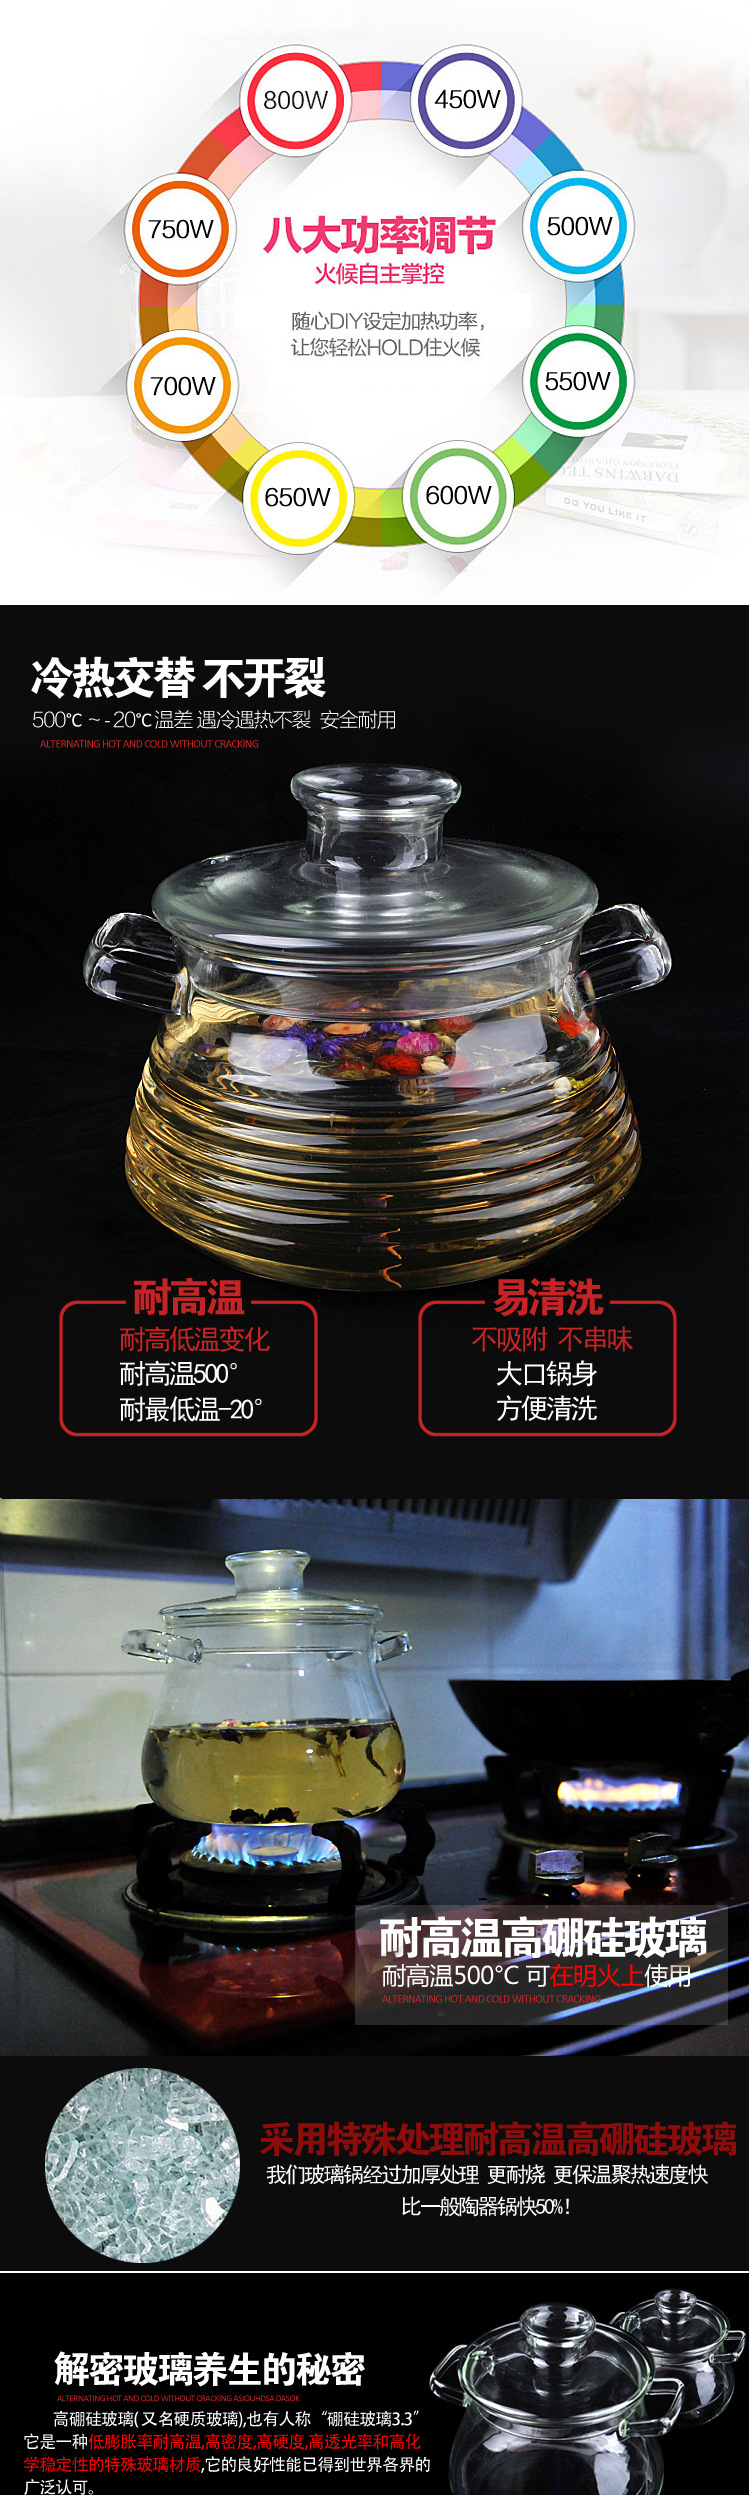 全自动电炖锅高硼玻璃锅、智能电砂锅、煮粥陶瓷锅、预约煲汤锅玻璃汤煲